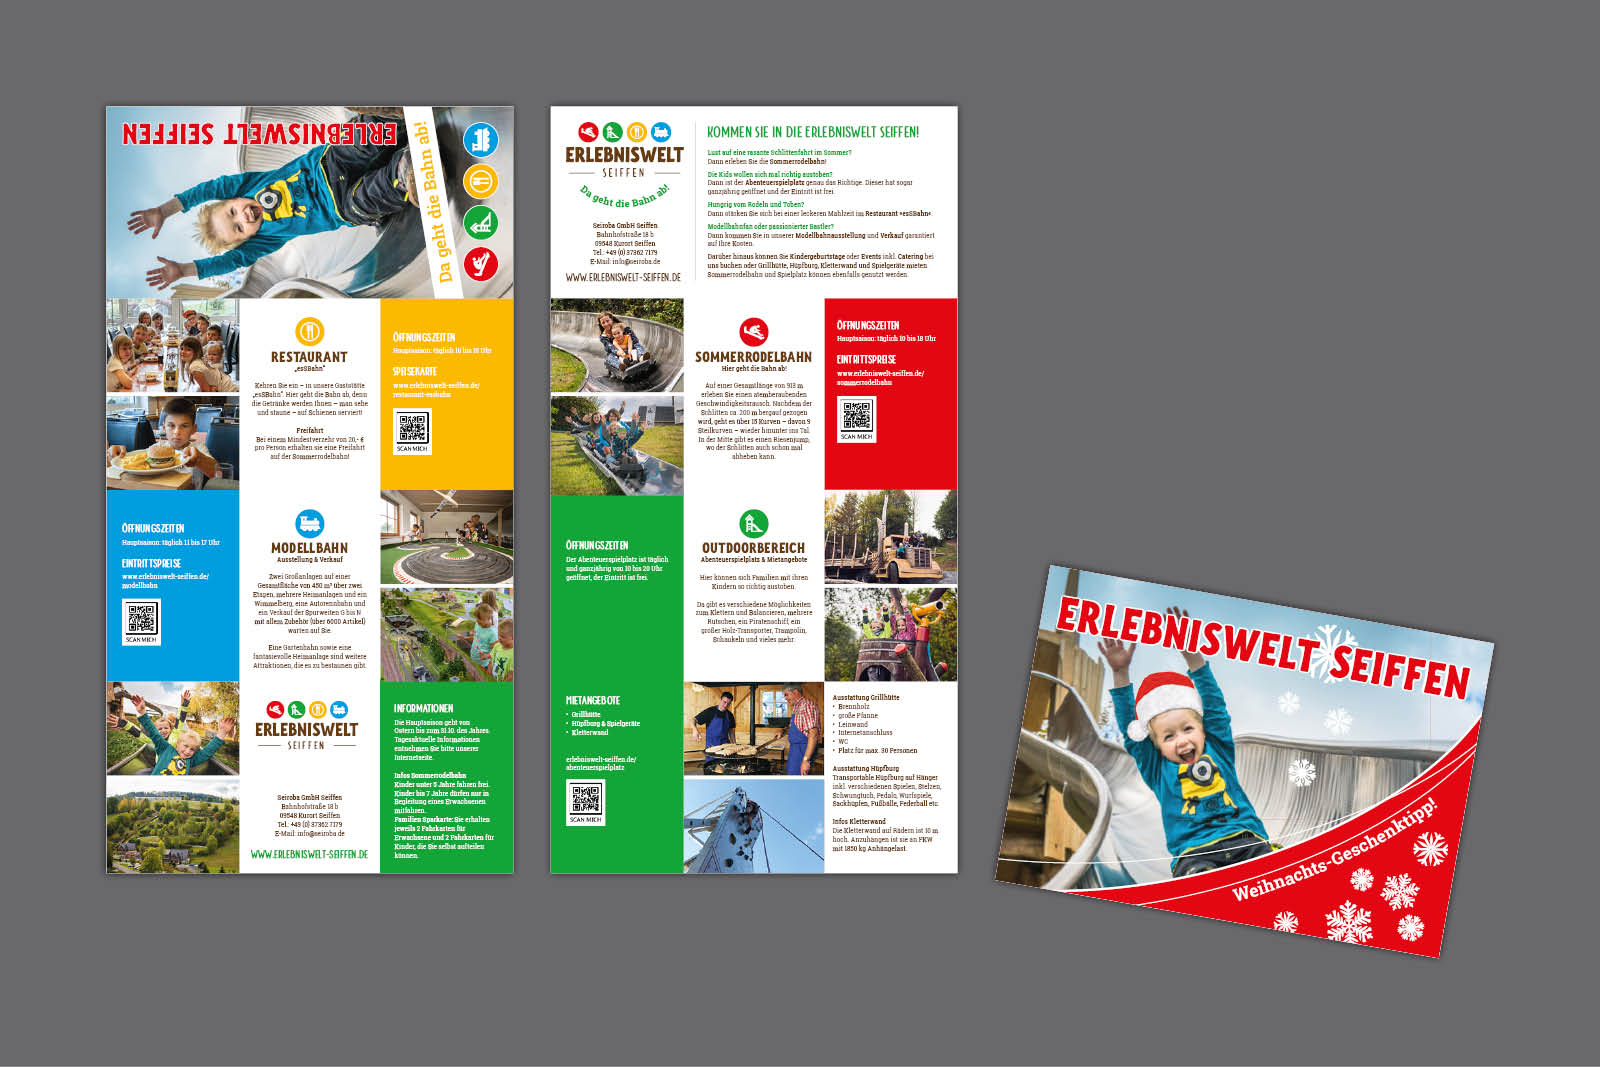 Imageflyer als 8-seitiges Faltblatt und Gutscheinkarte für Erlebniswelt Seiffen